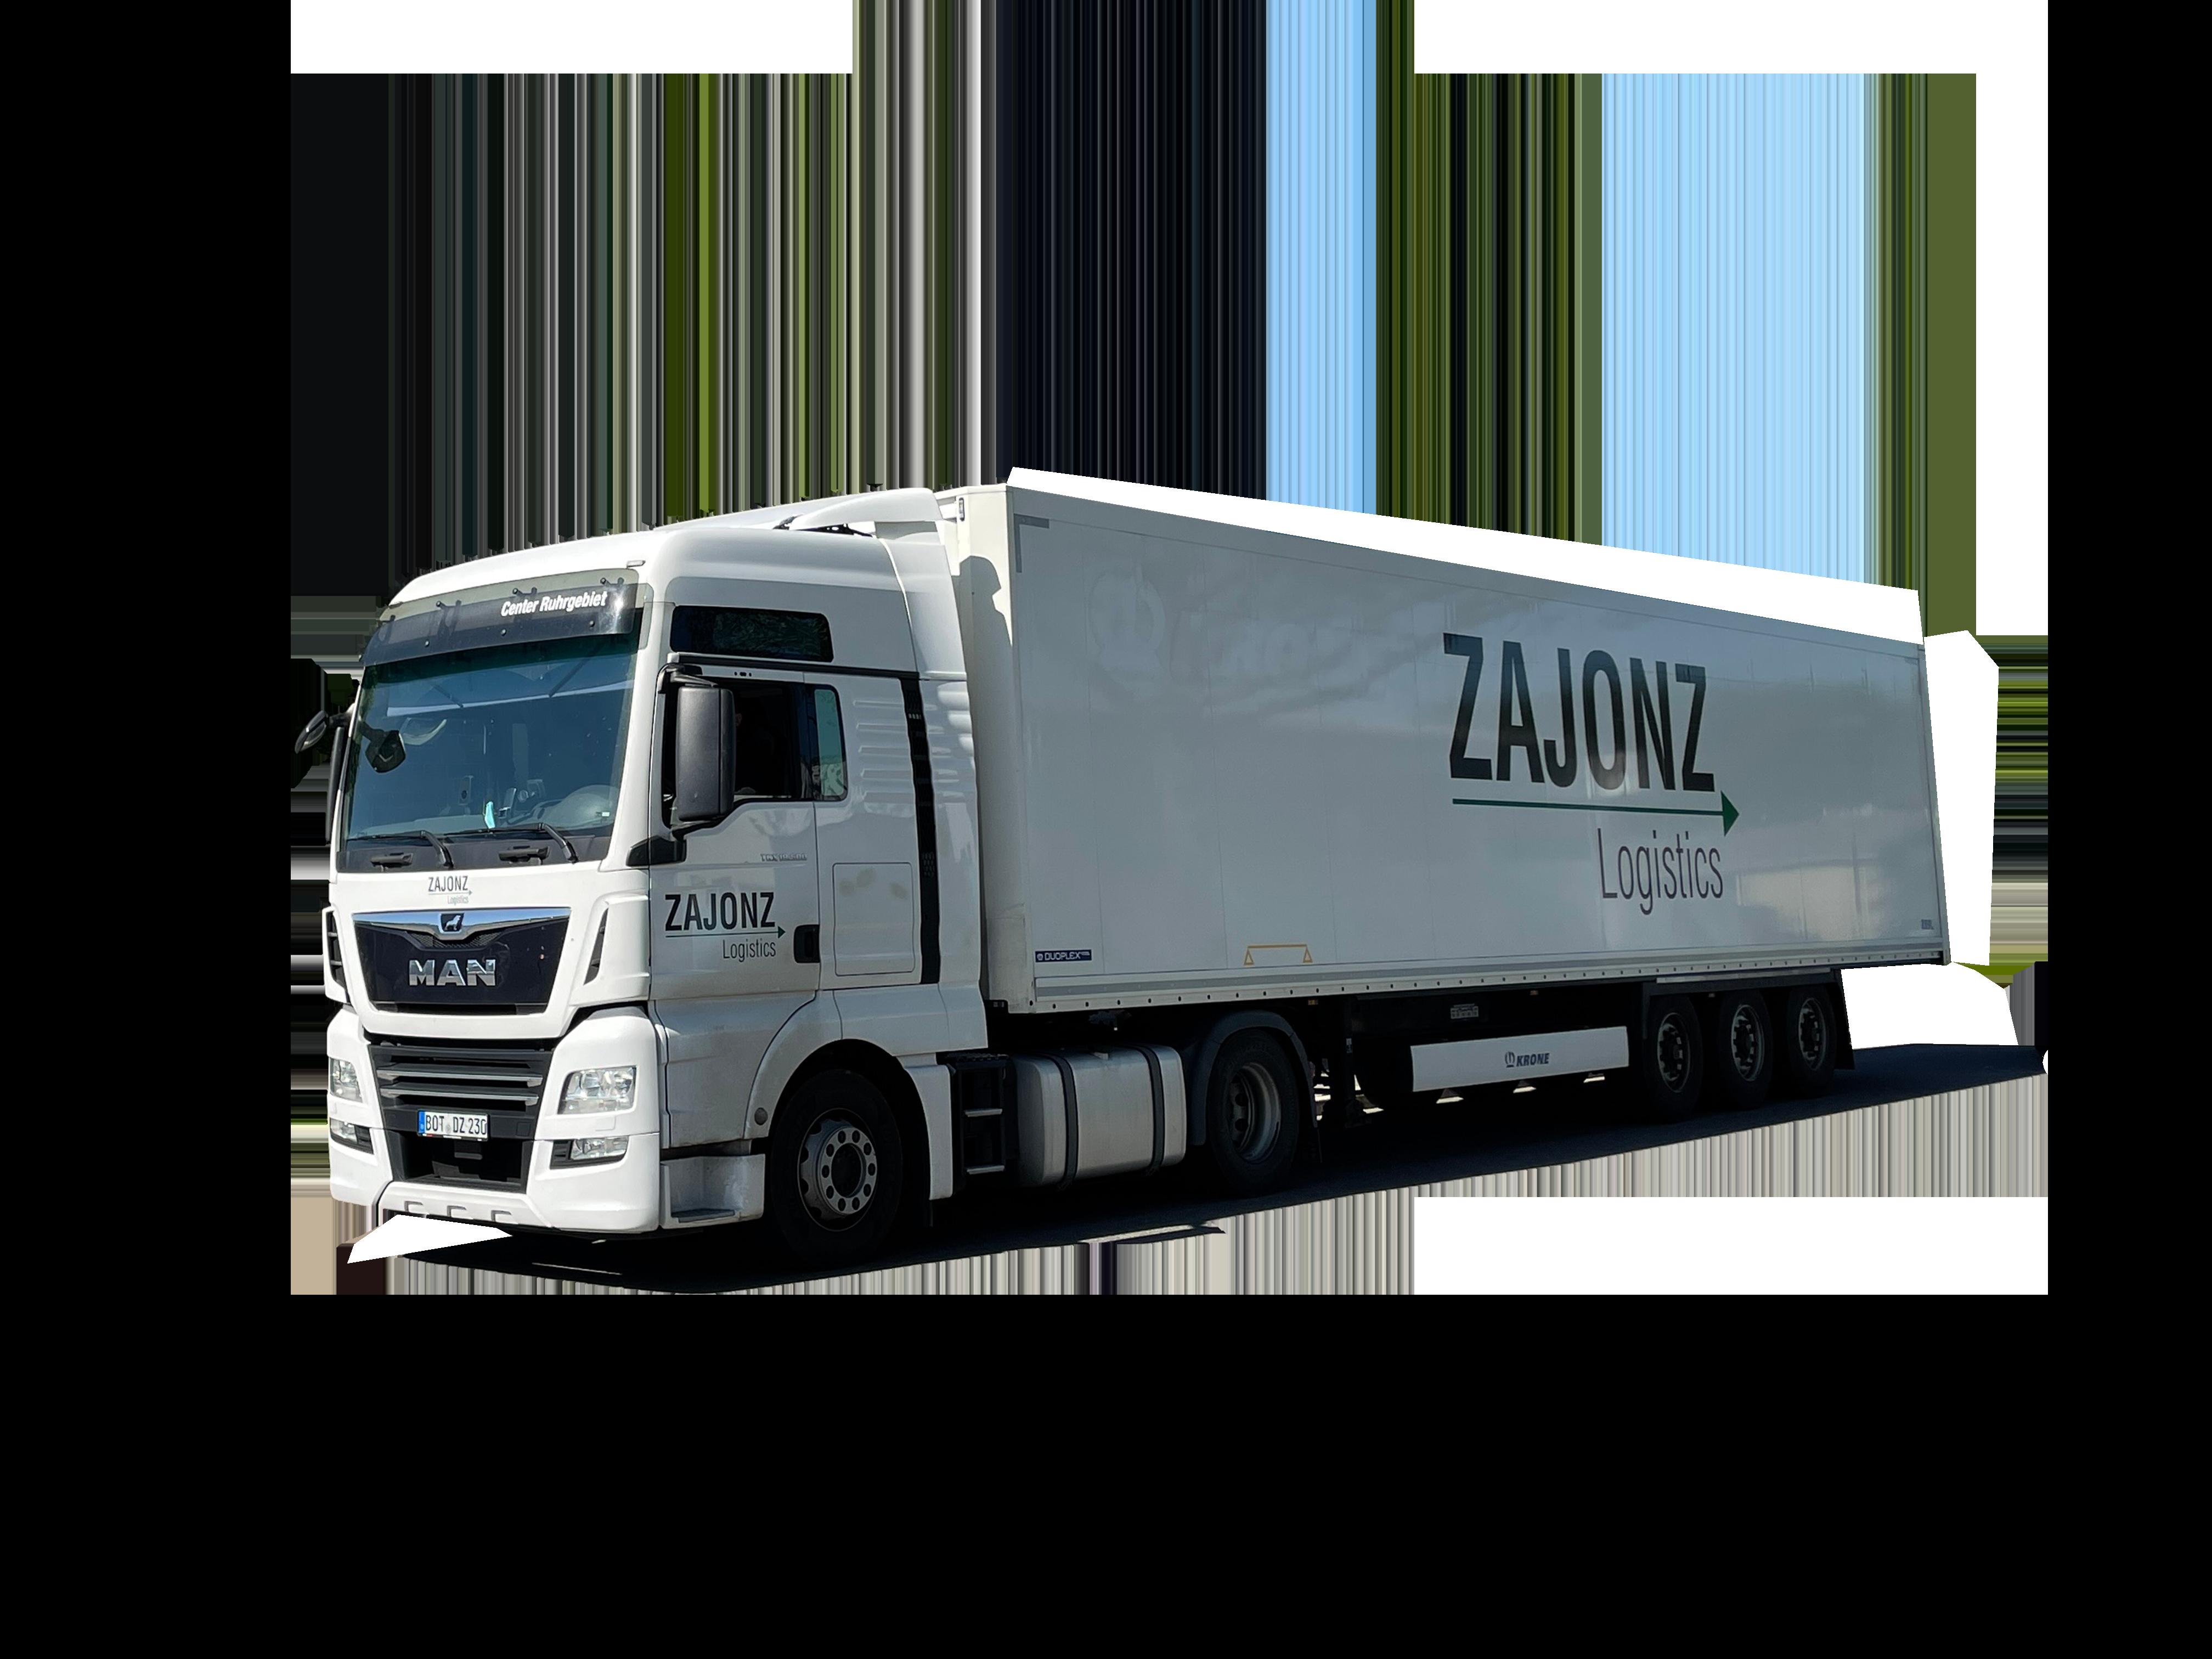 Weißer LKW mit Logo - Zajonz Logistics – Ihrem Logistikspezialisten in Bottrop und Dorsten